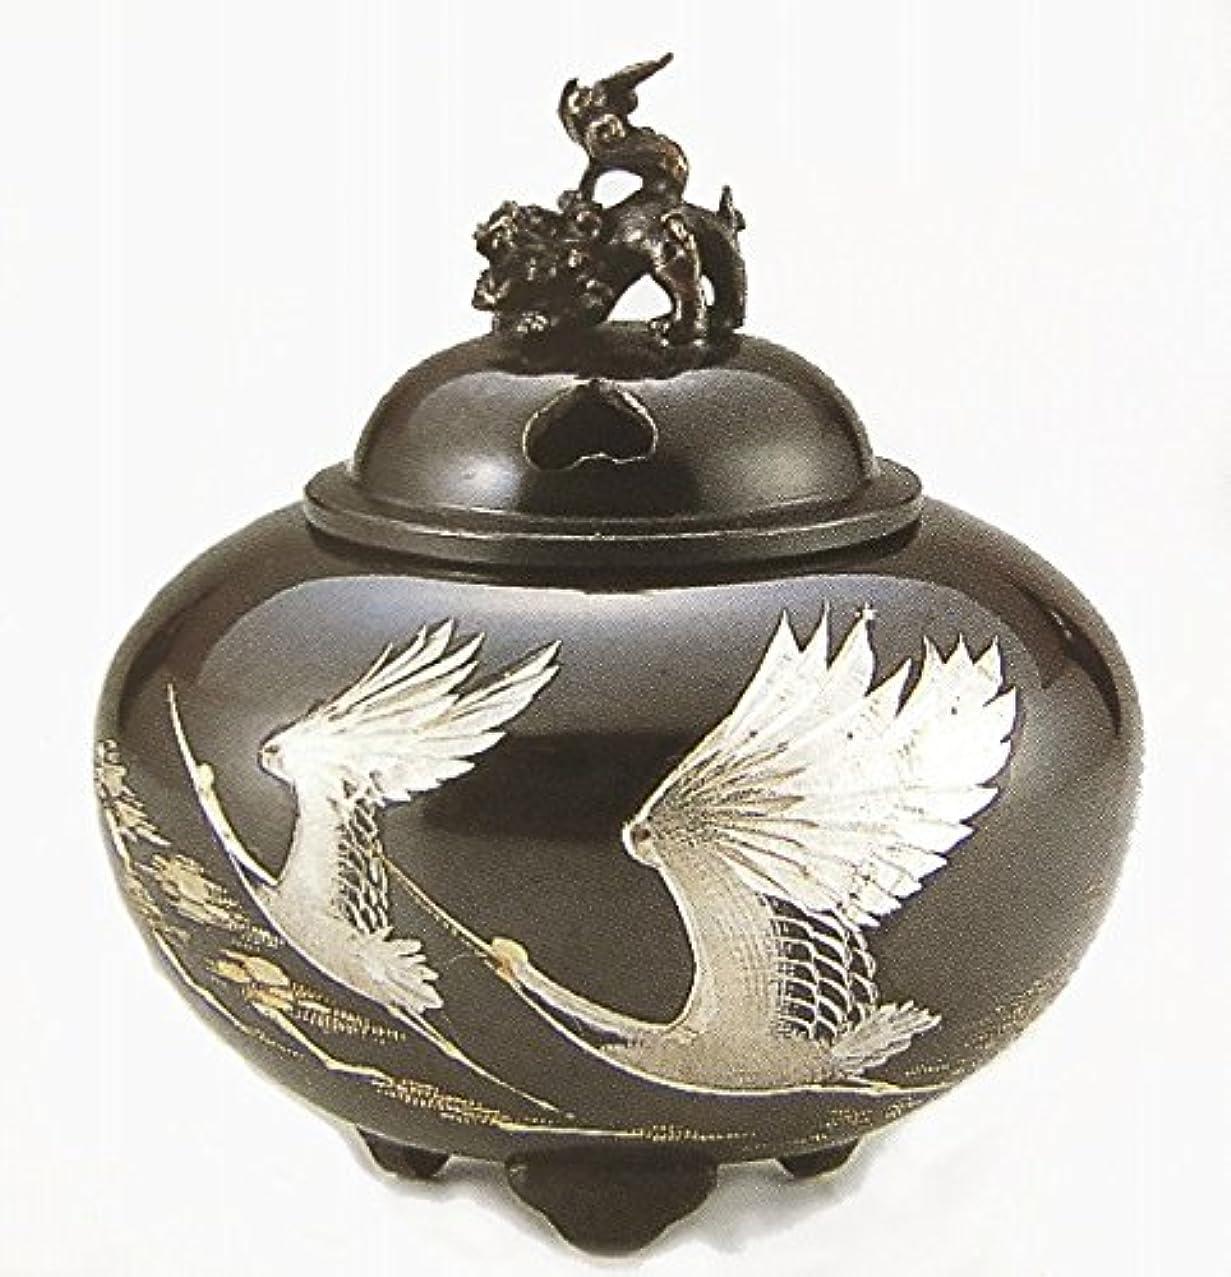 ペルソナスリラー学んだ『平丸獅子蓋香炉?双鶴』銅製